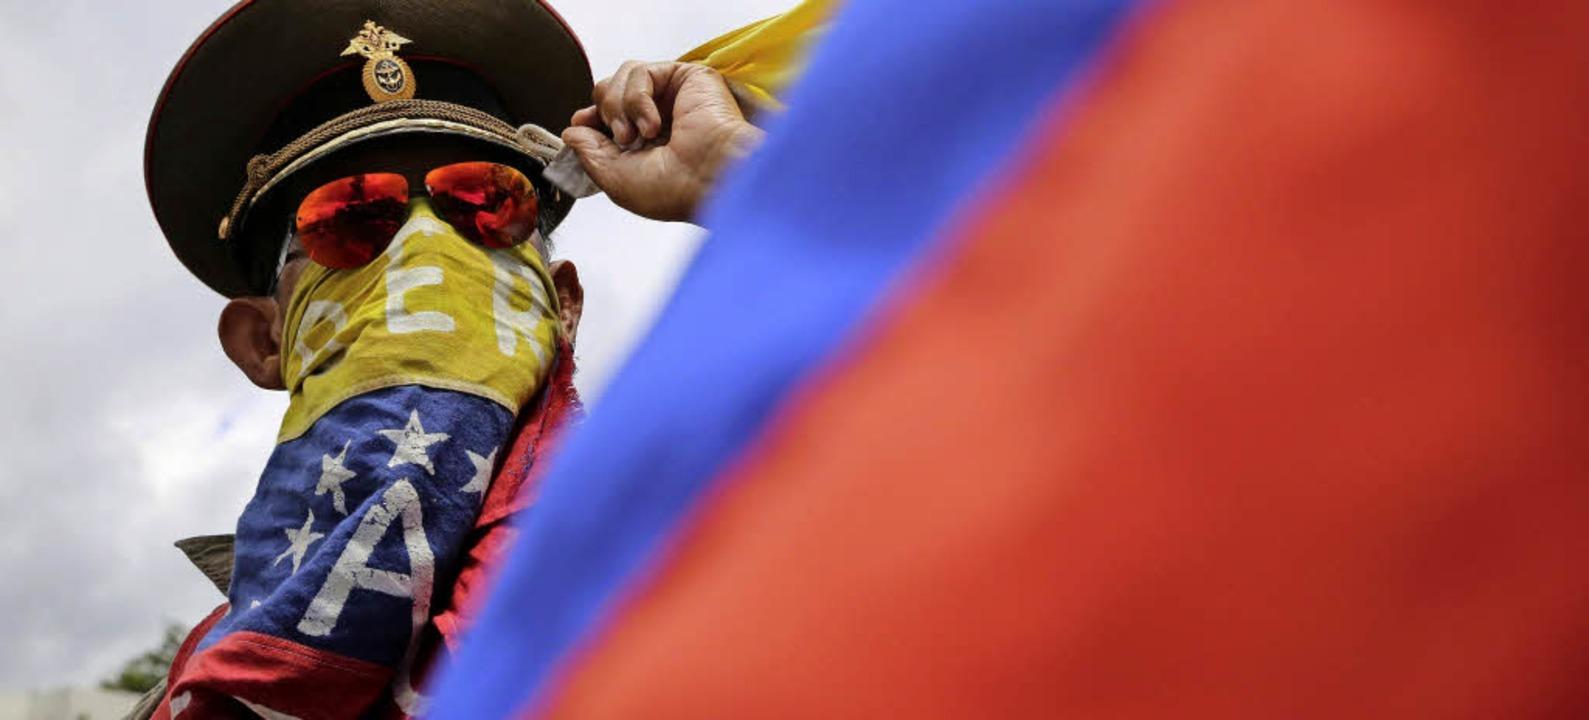 Ein Anti-Regierungs-Demonstrant trägt ... russische Militärmütze auf dem Kopf.     Foto: dpa